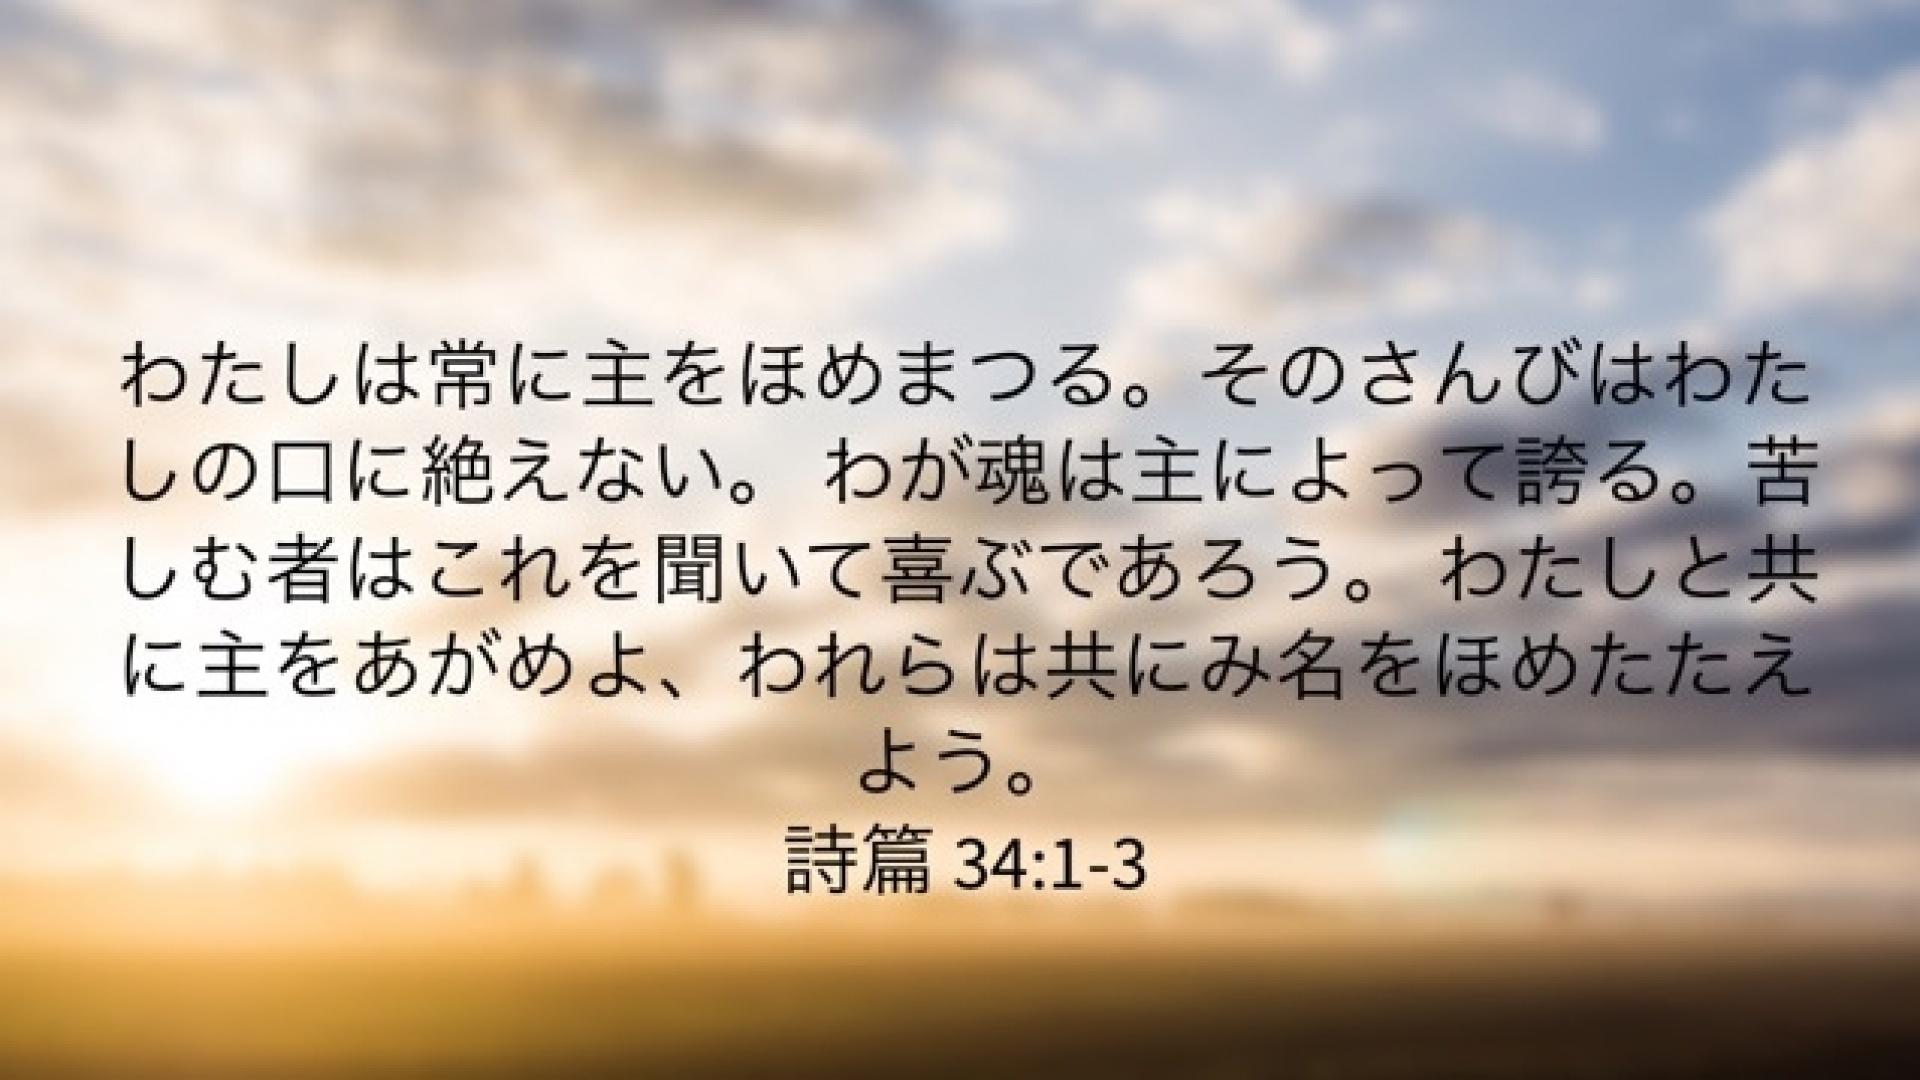 ヨハン浜松キリスト教会